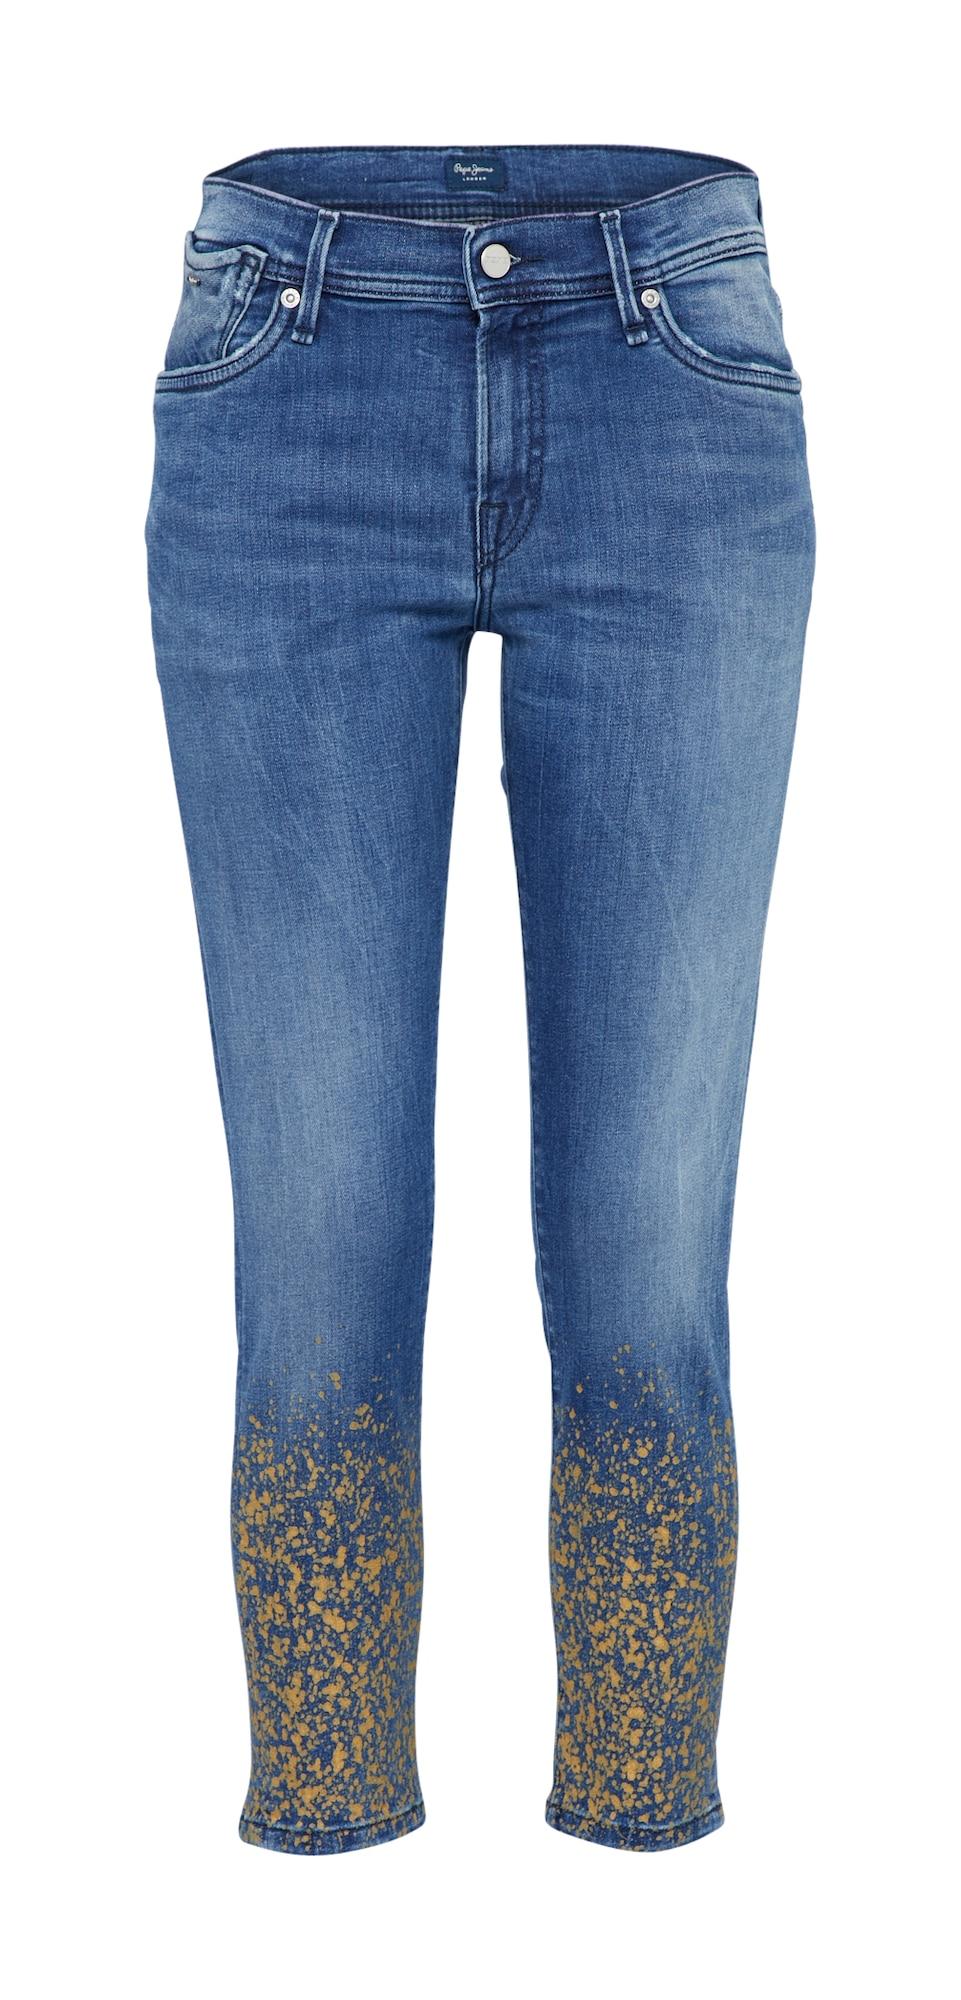 Pepe Jeans Dames Jeans JOEY GLITTER blauw